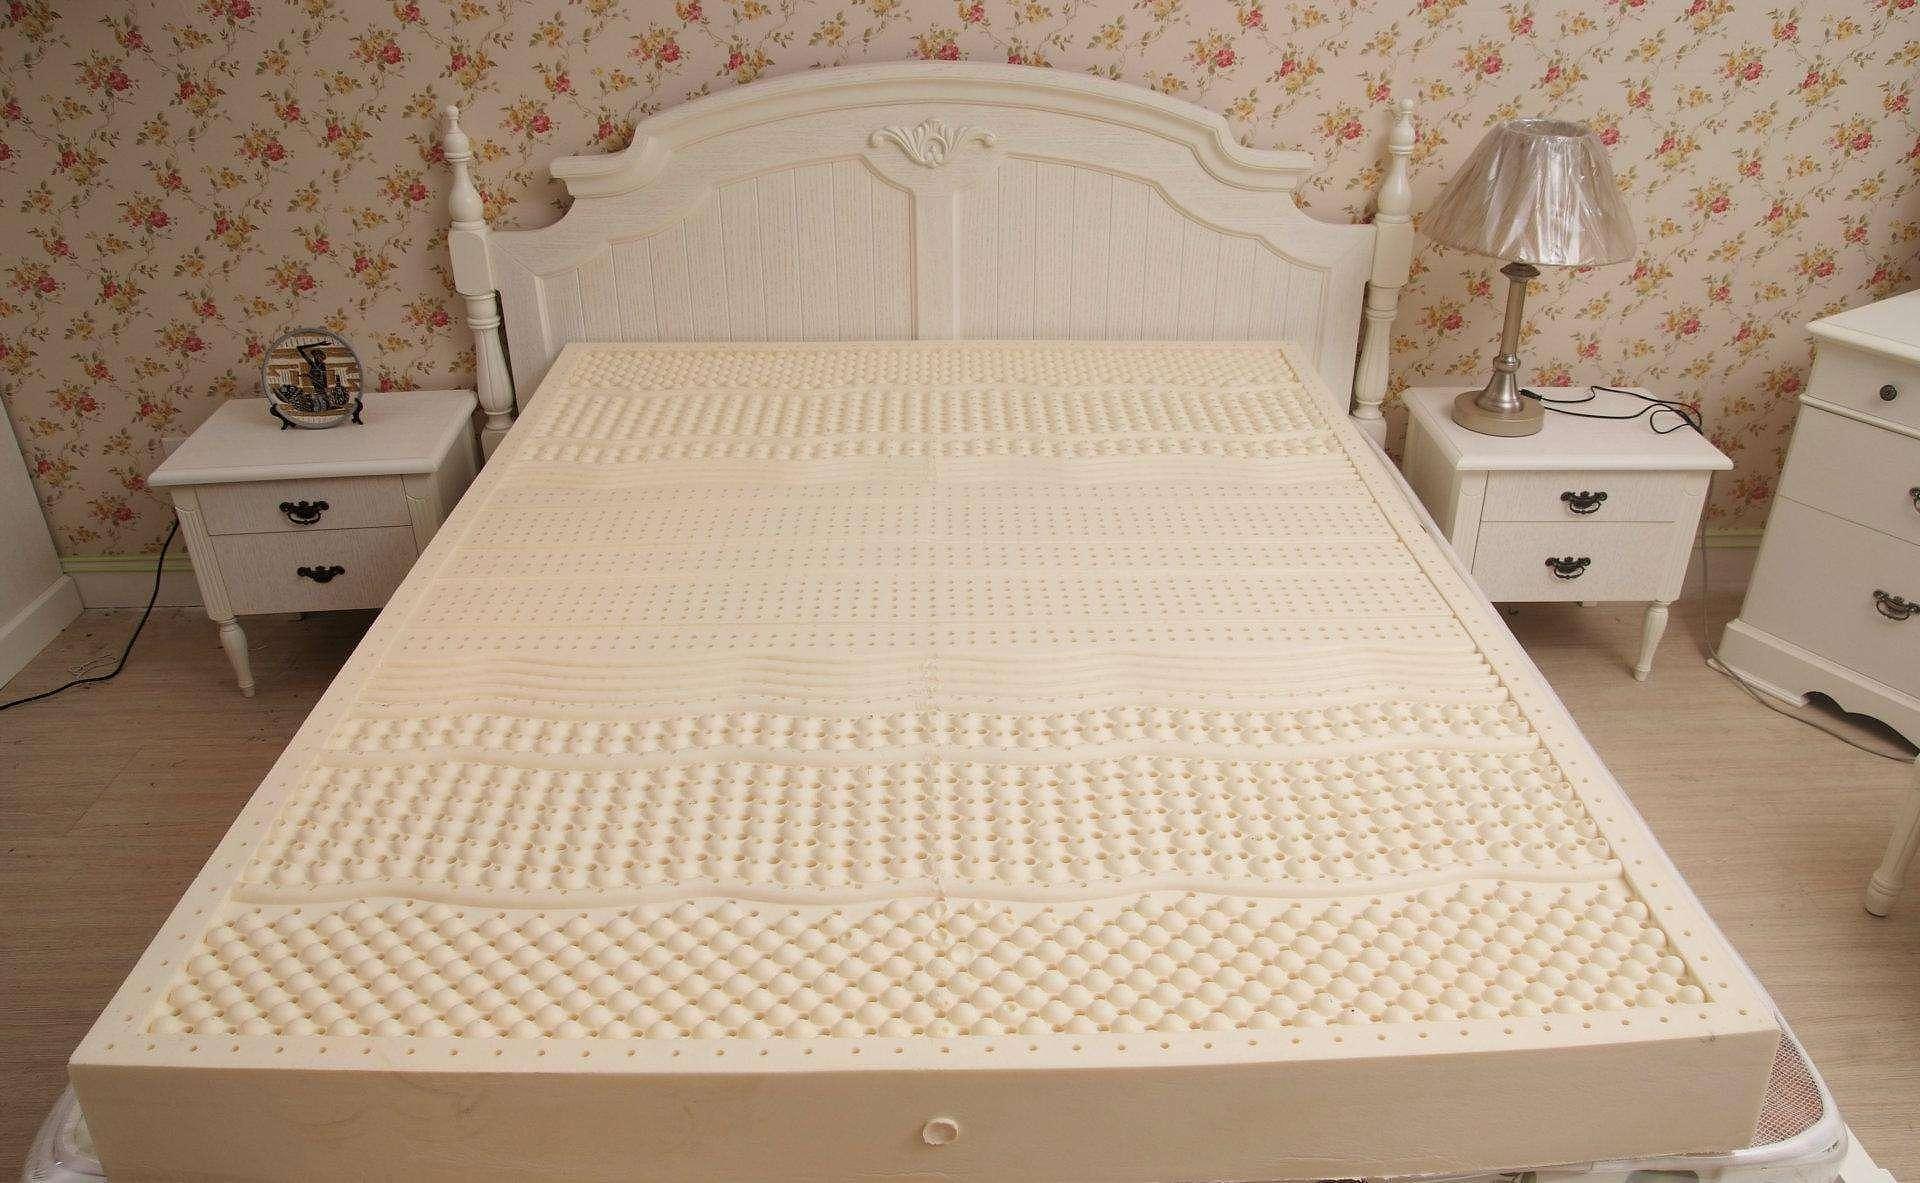 慕思寝具怎么样 慕思乳胶床垫多少钱